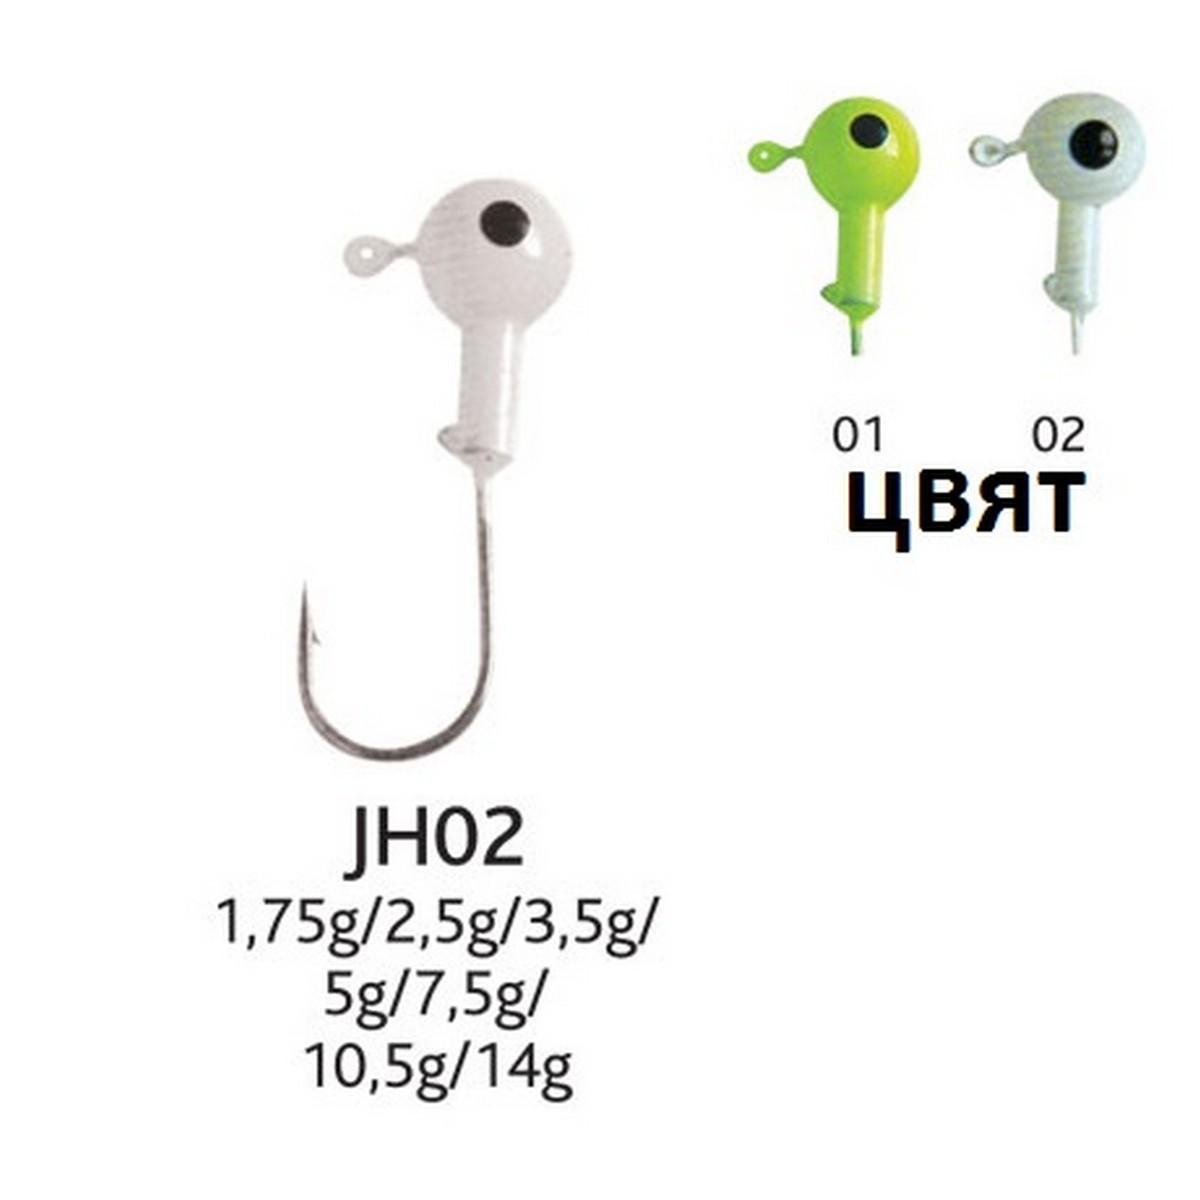 Глави за туистери боядисани Baracuda JH02